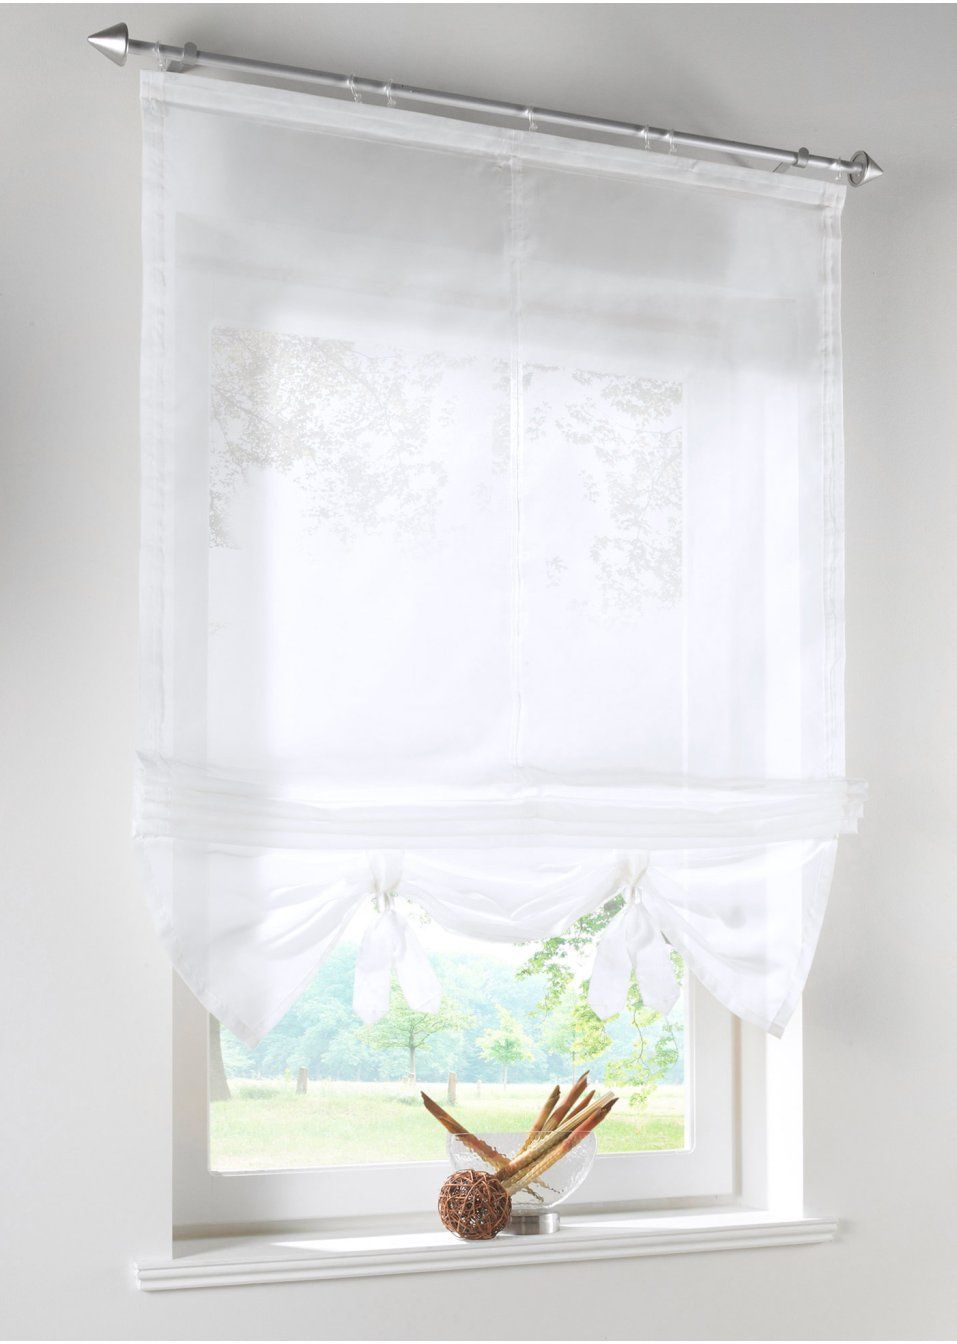 Full Size of Bonprix Gardinen Querbehang Für Die Küche Wohnzimmer Betten Scheibengardinen Schlafzimmer Fenster Wohnzimmer Bonprix Gardinen Querbehang